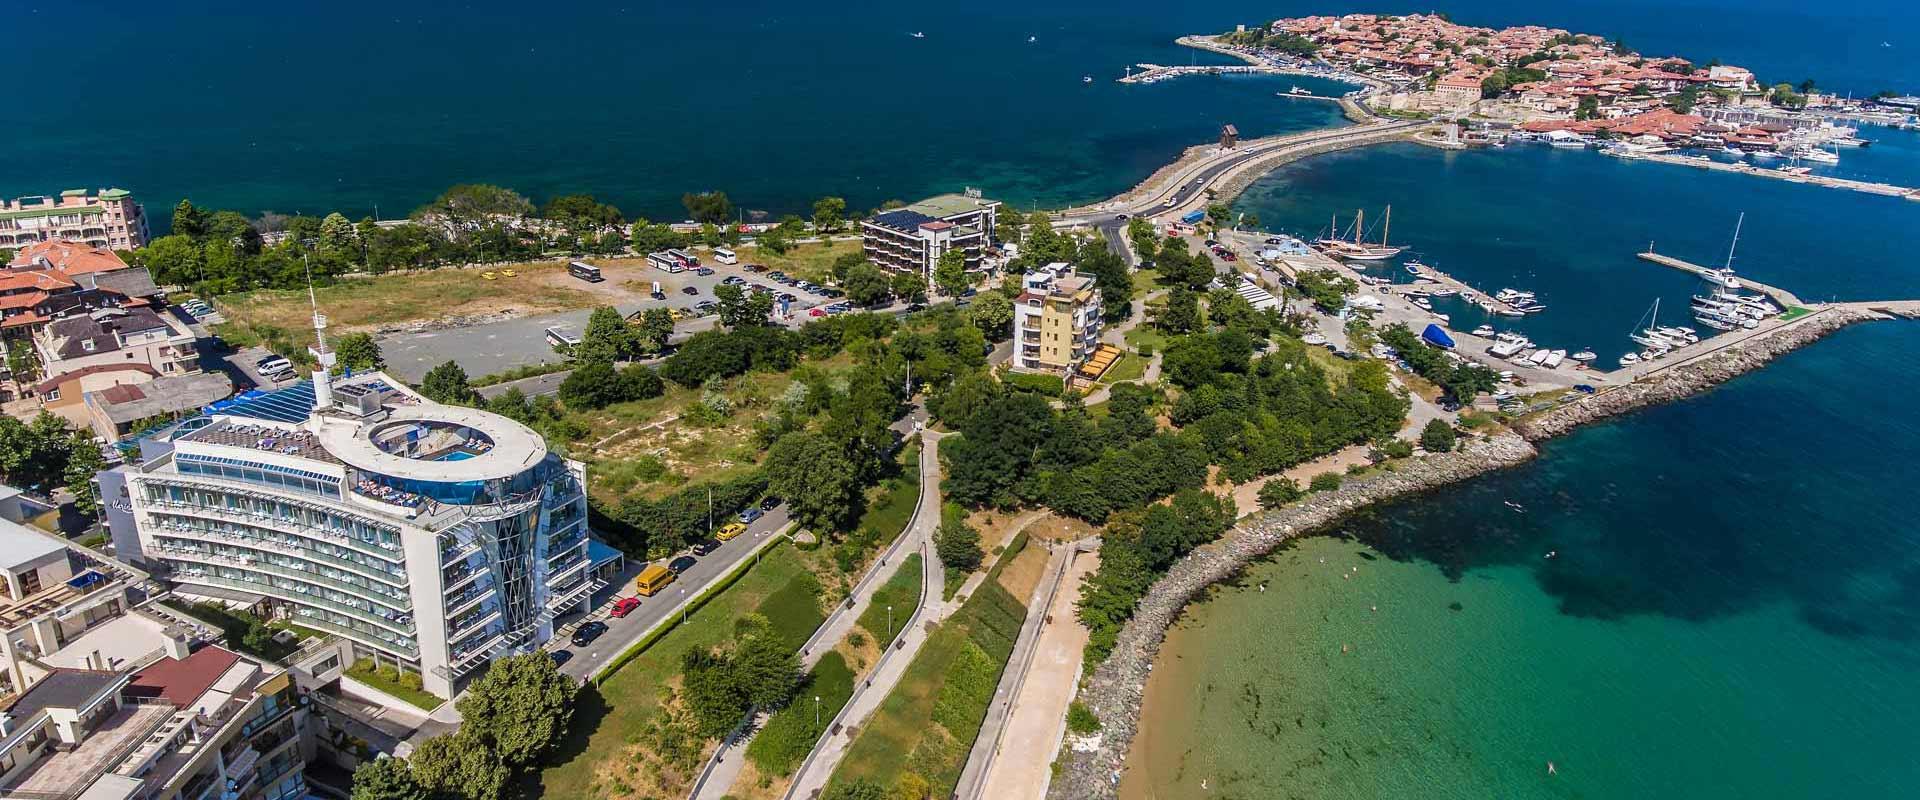 11 млн. туристи очакват по Черноморието, хотелите вече са резервирани